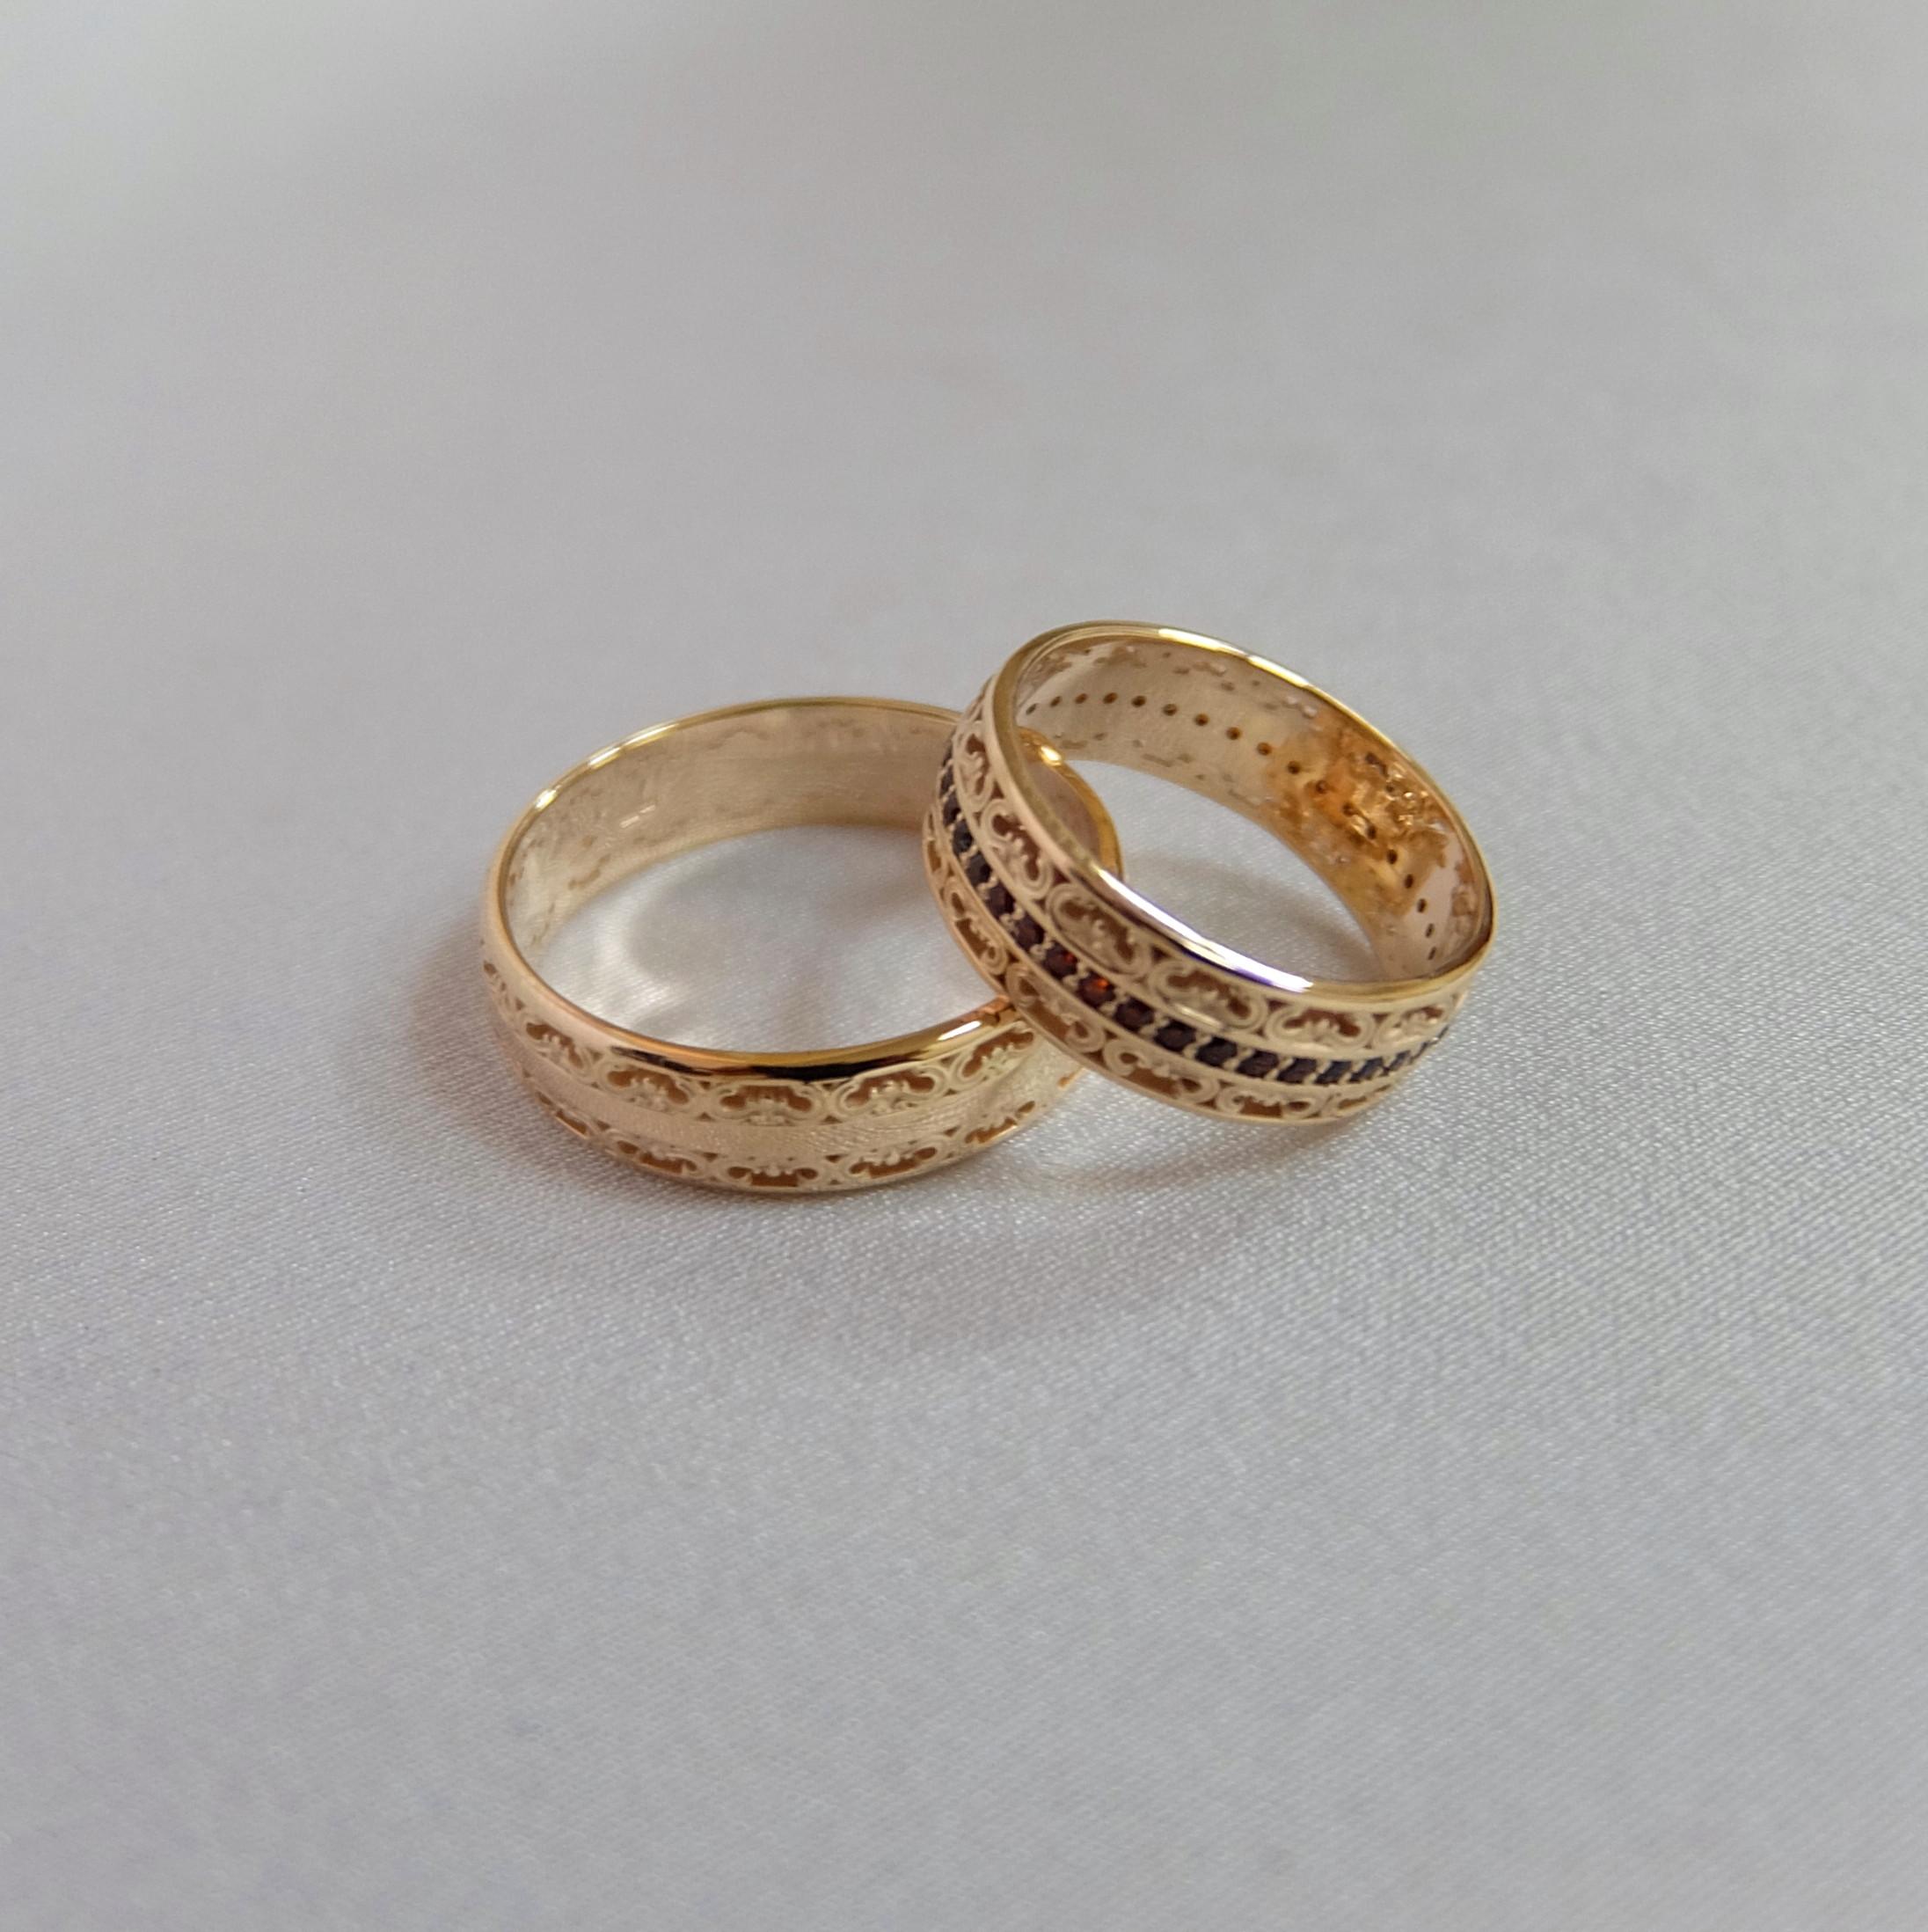 b2f3e45815c9 Обручальные кольца с круглыми камнями и гравировкой